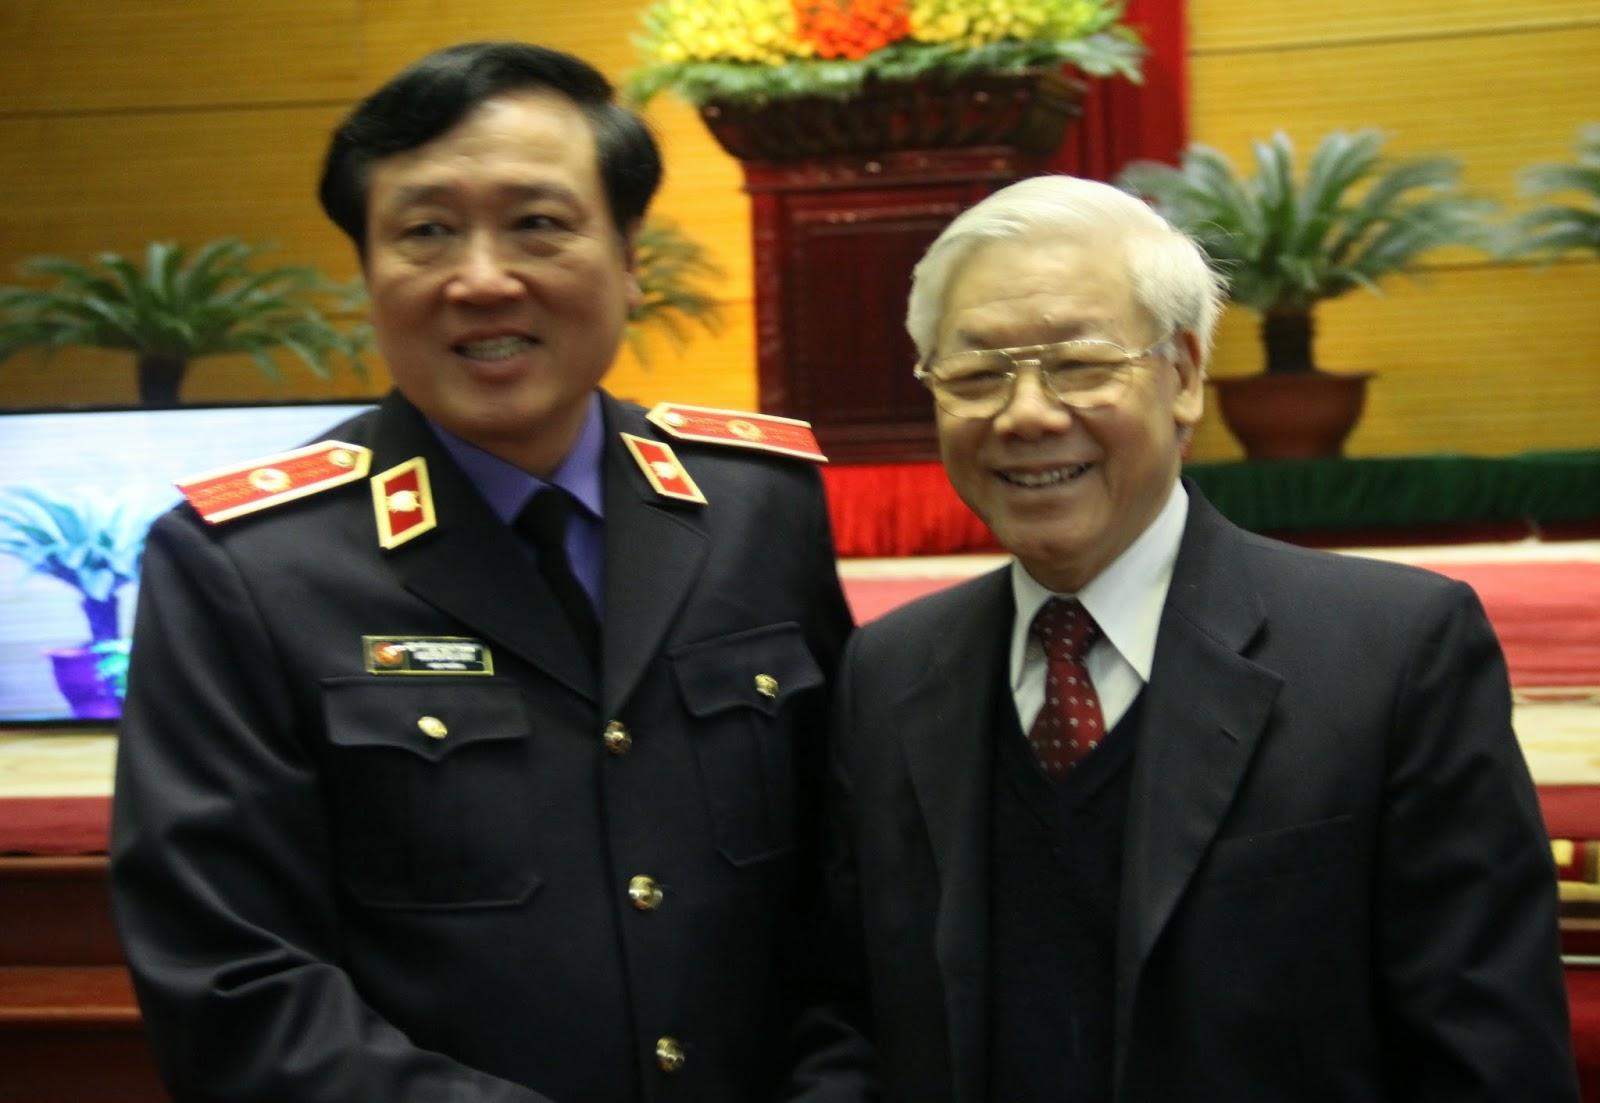 Tổng Bí thư Nguyễn Phú Trọng chỉ đạo Viện KSND Tối cao: Tay đã nhúng chàm thì không thể chống tham nhũng!